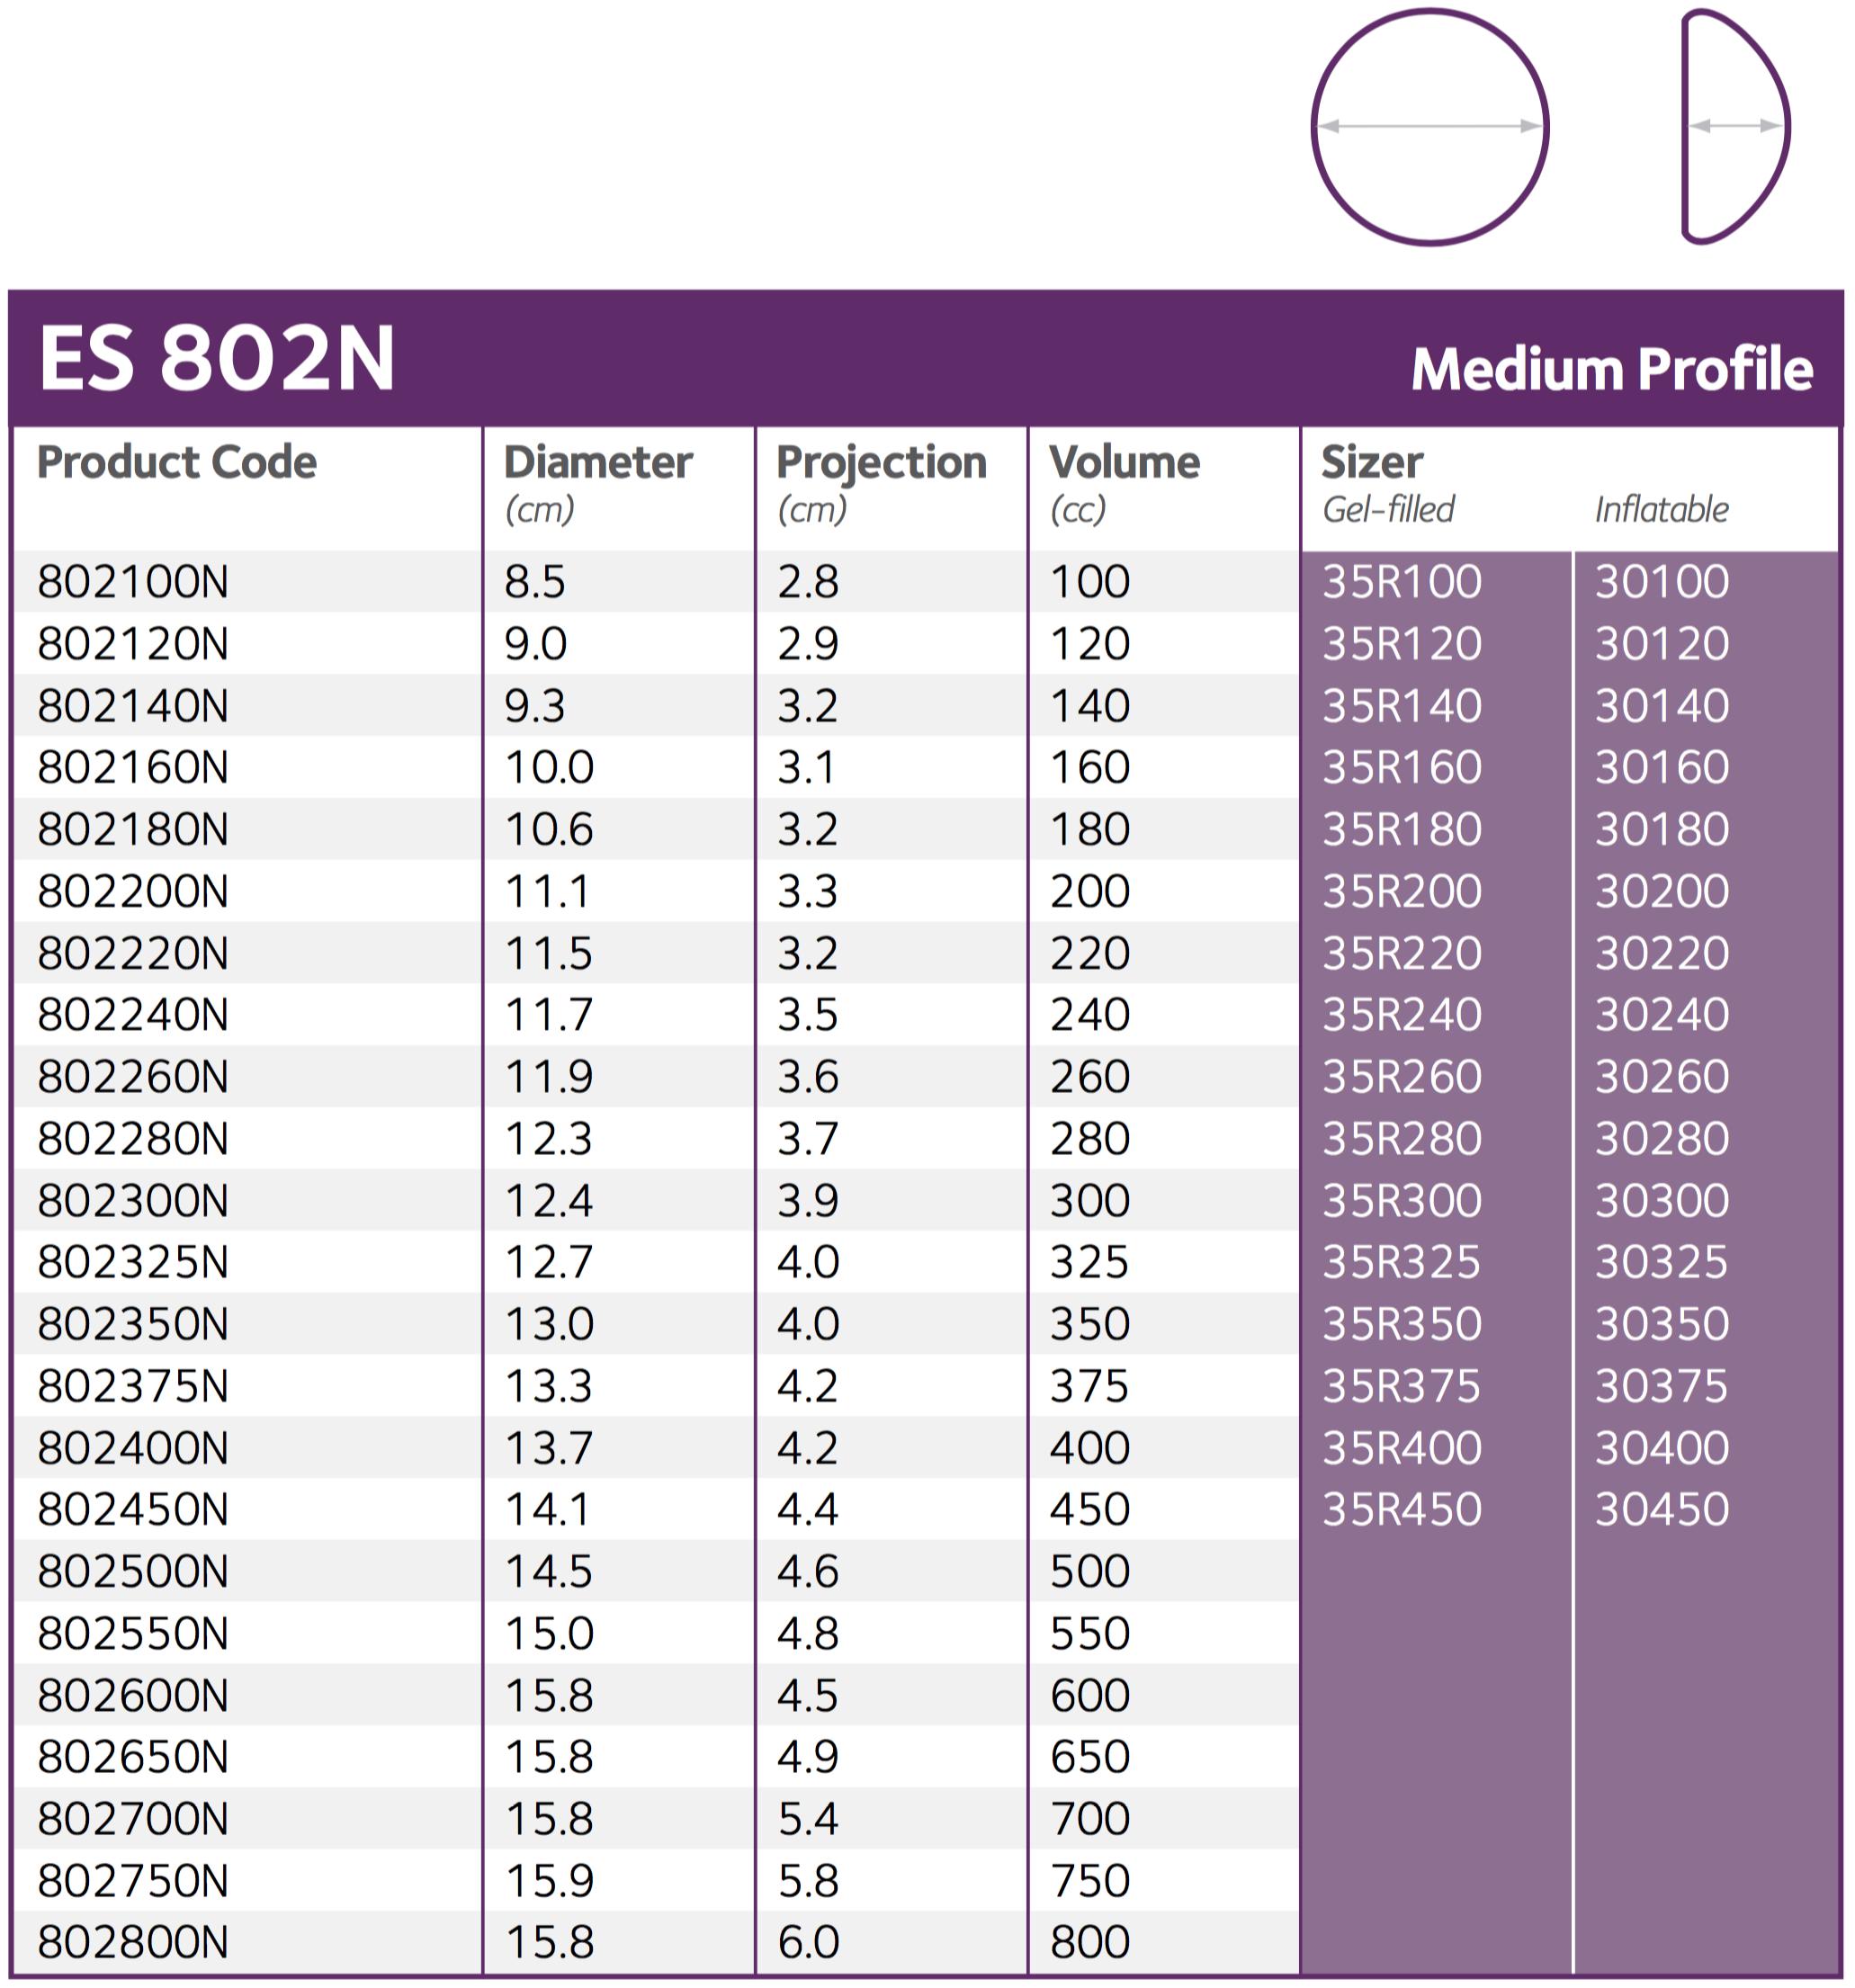 EuroSilicone ES 802N Medium Profile